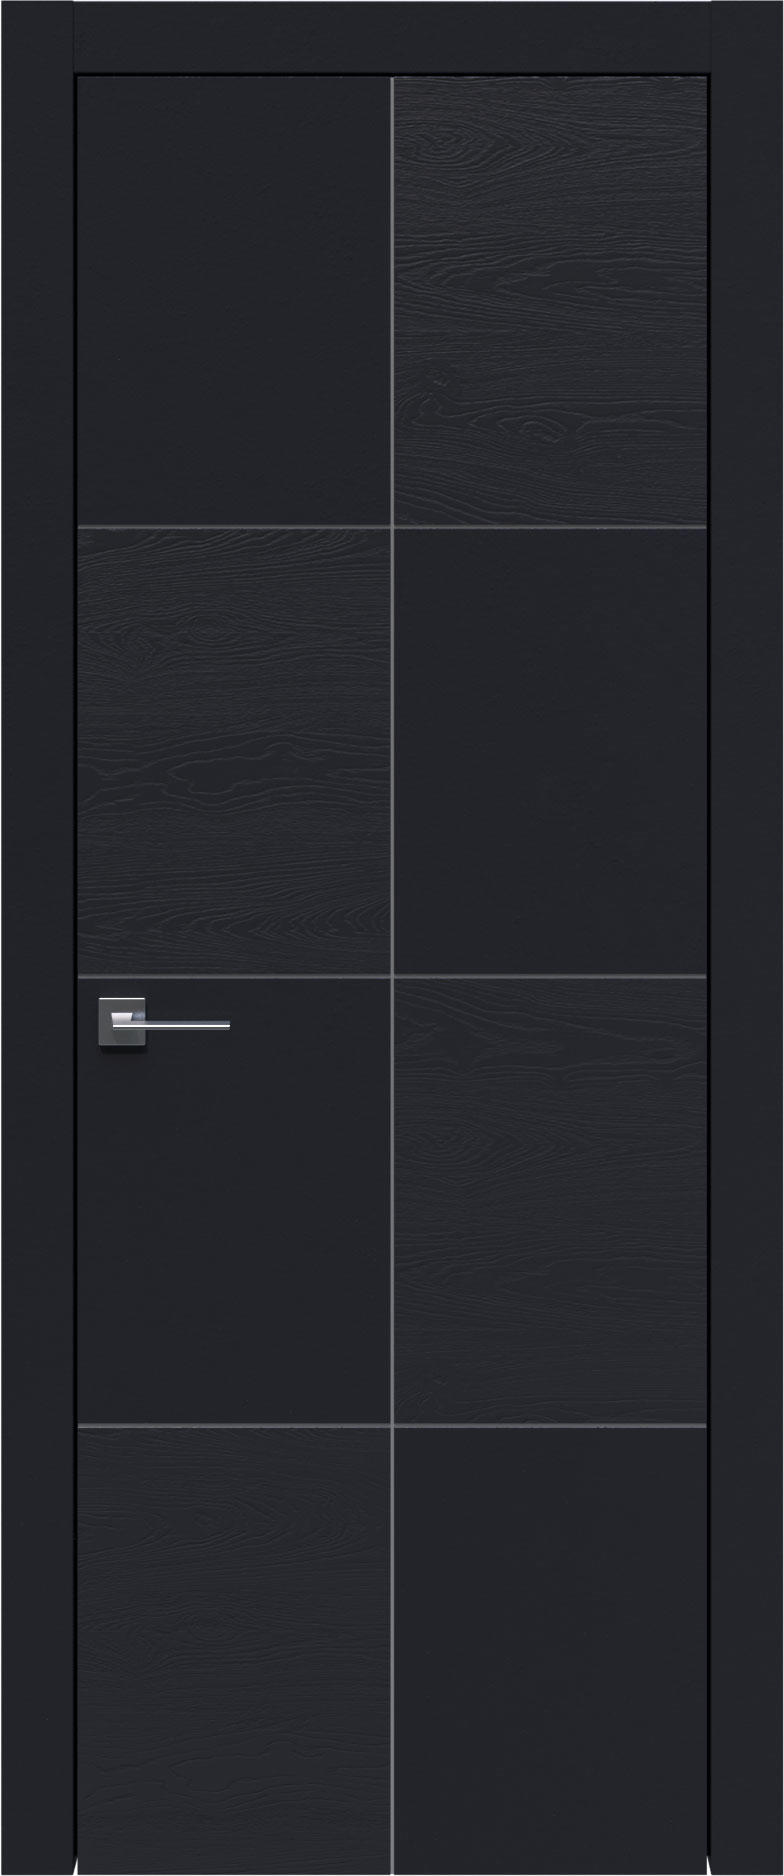 Tivoli Л-2 цвет - Черная эмаль-эмаль по шпону (RAL 9004) Без стекла (ДГ)